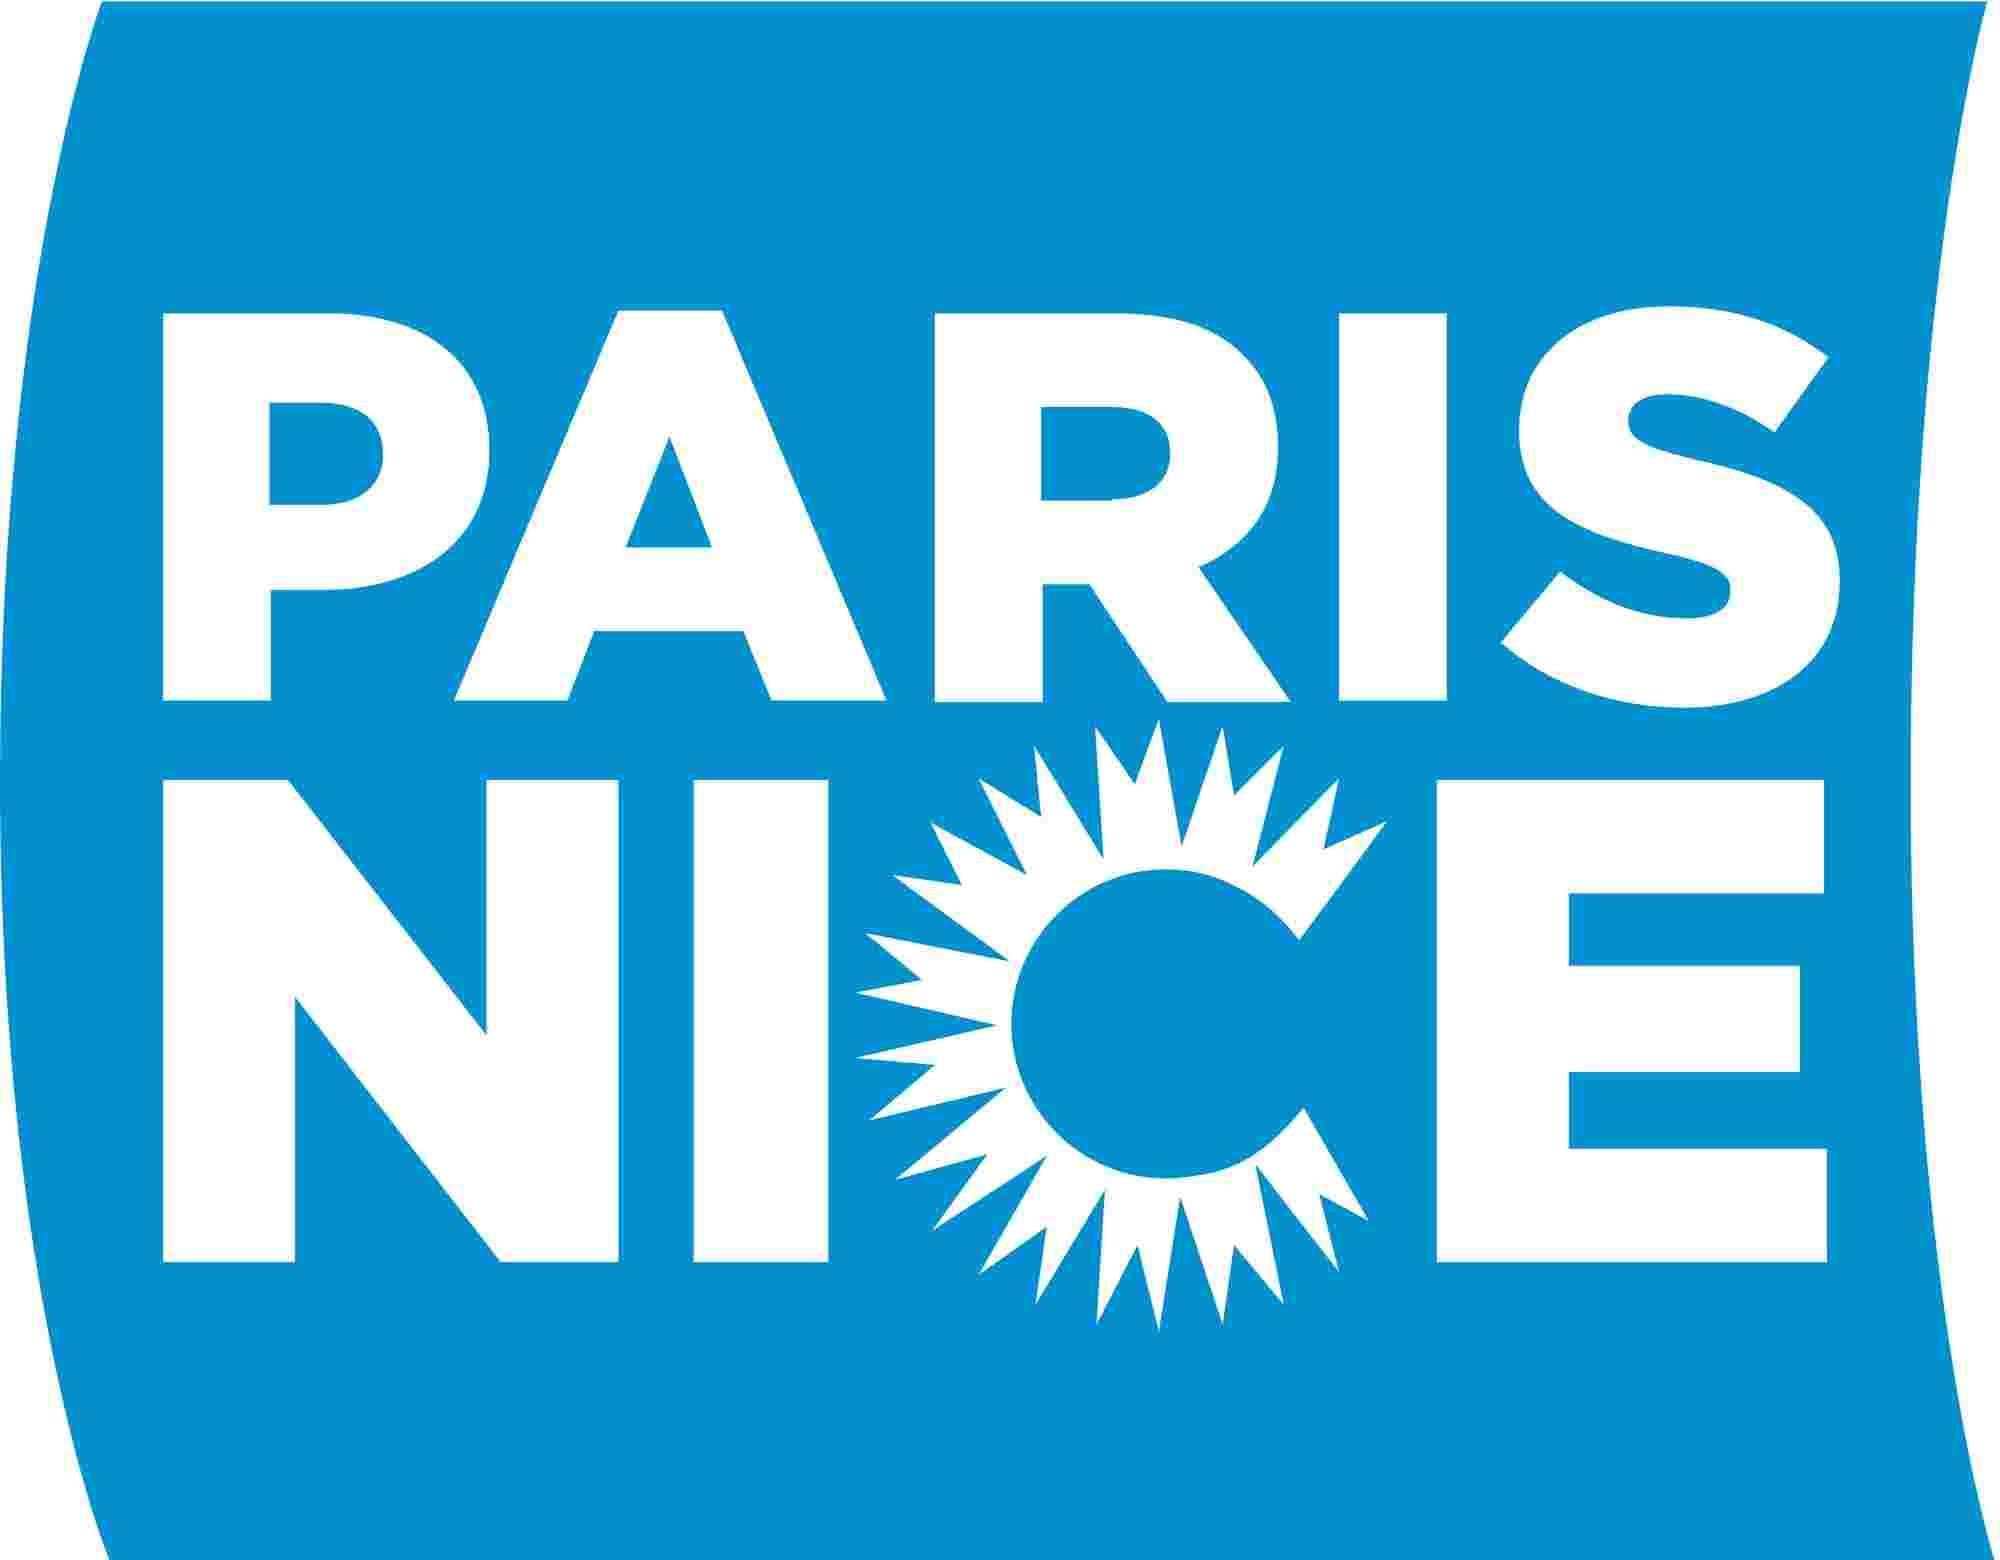 Favoriti Parigi-Nizza 2019, quote e pronostico. L'albo d'oro